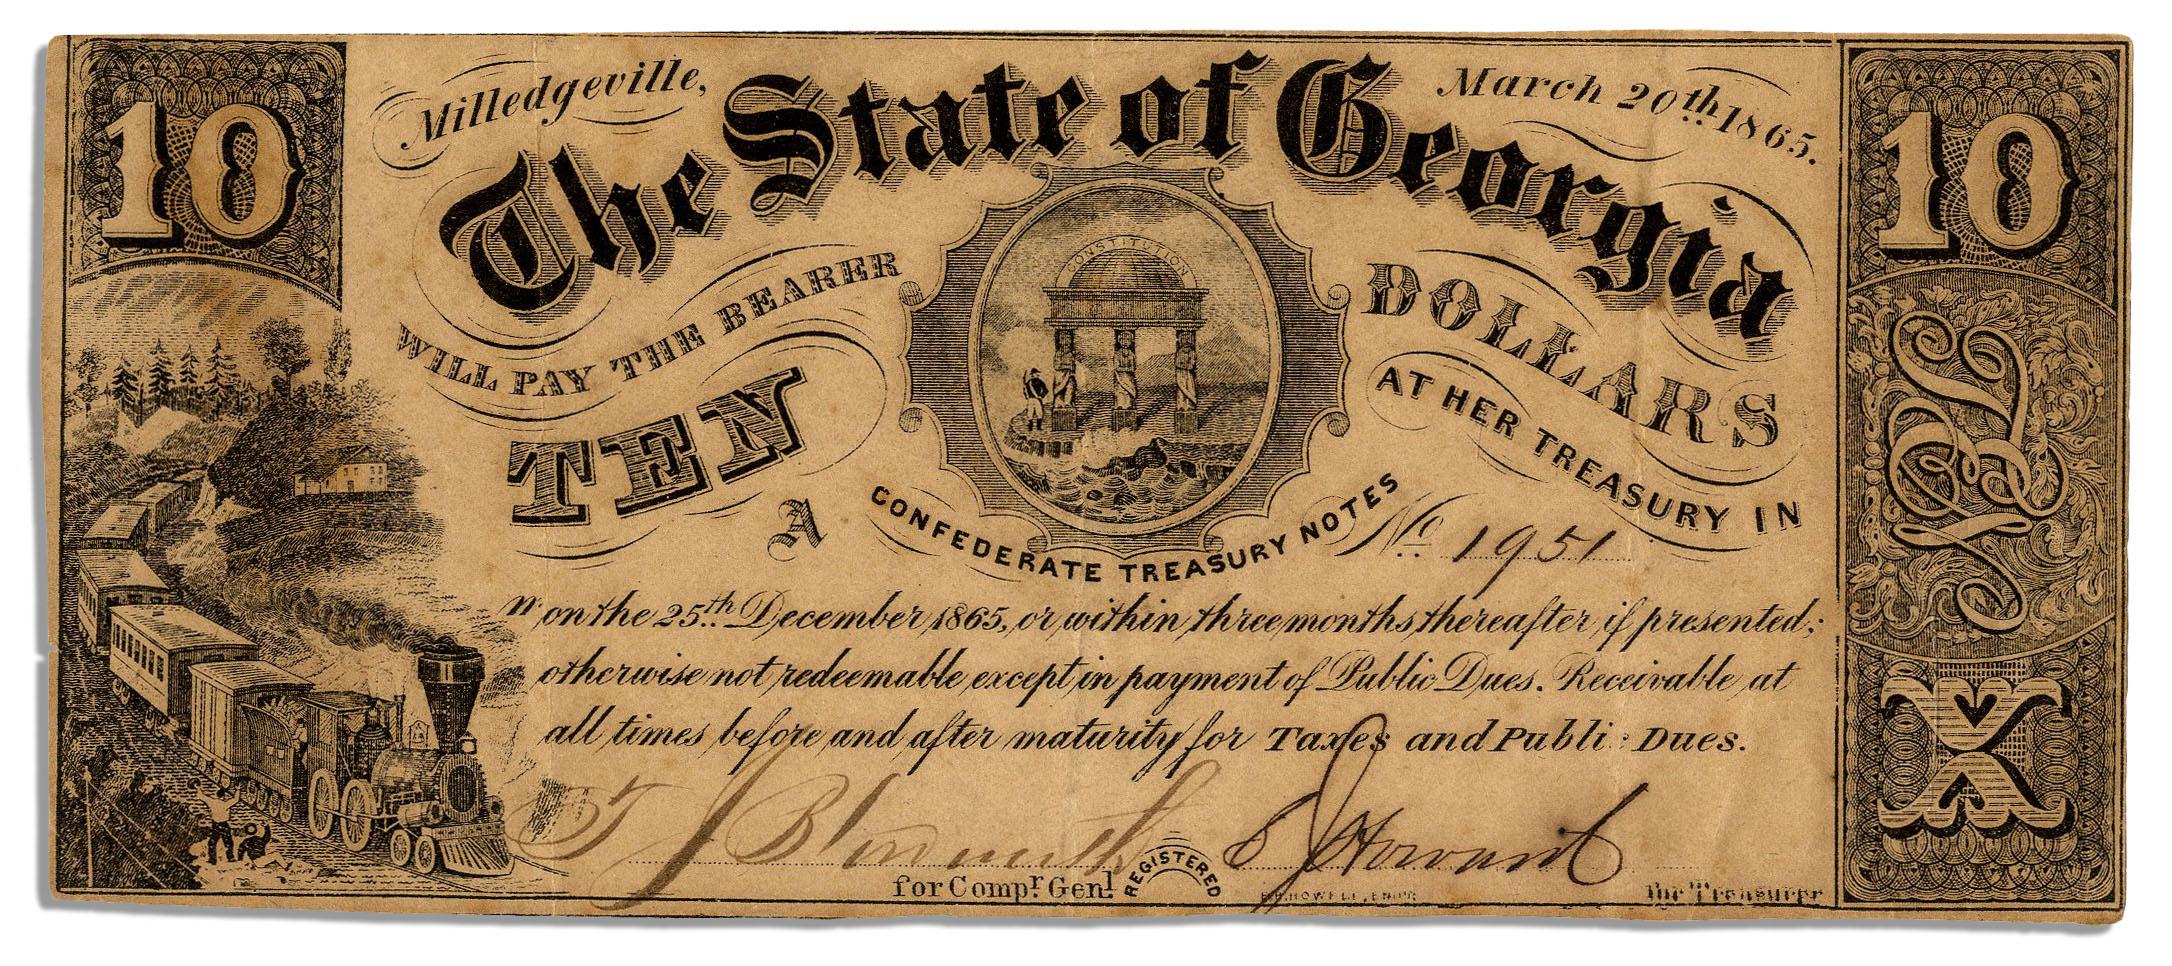 This ten-dollar denomination bill bears the dateline Milledgeville, 20th, March 1865